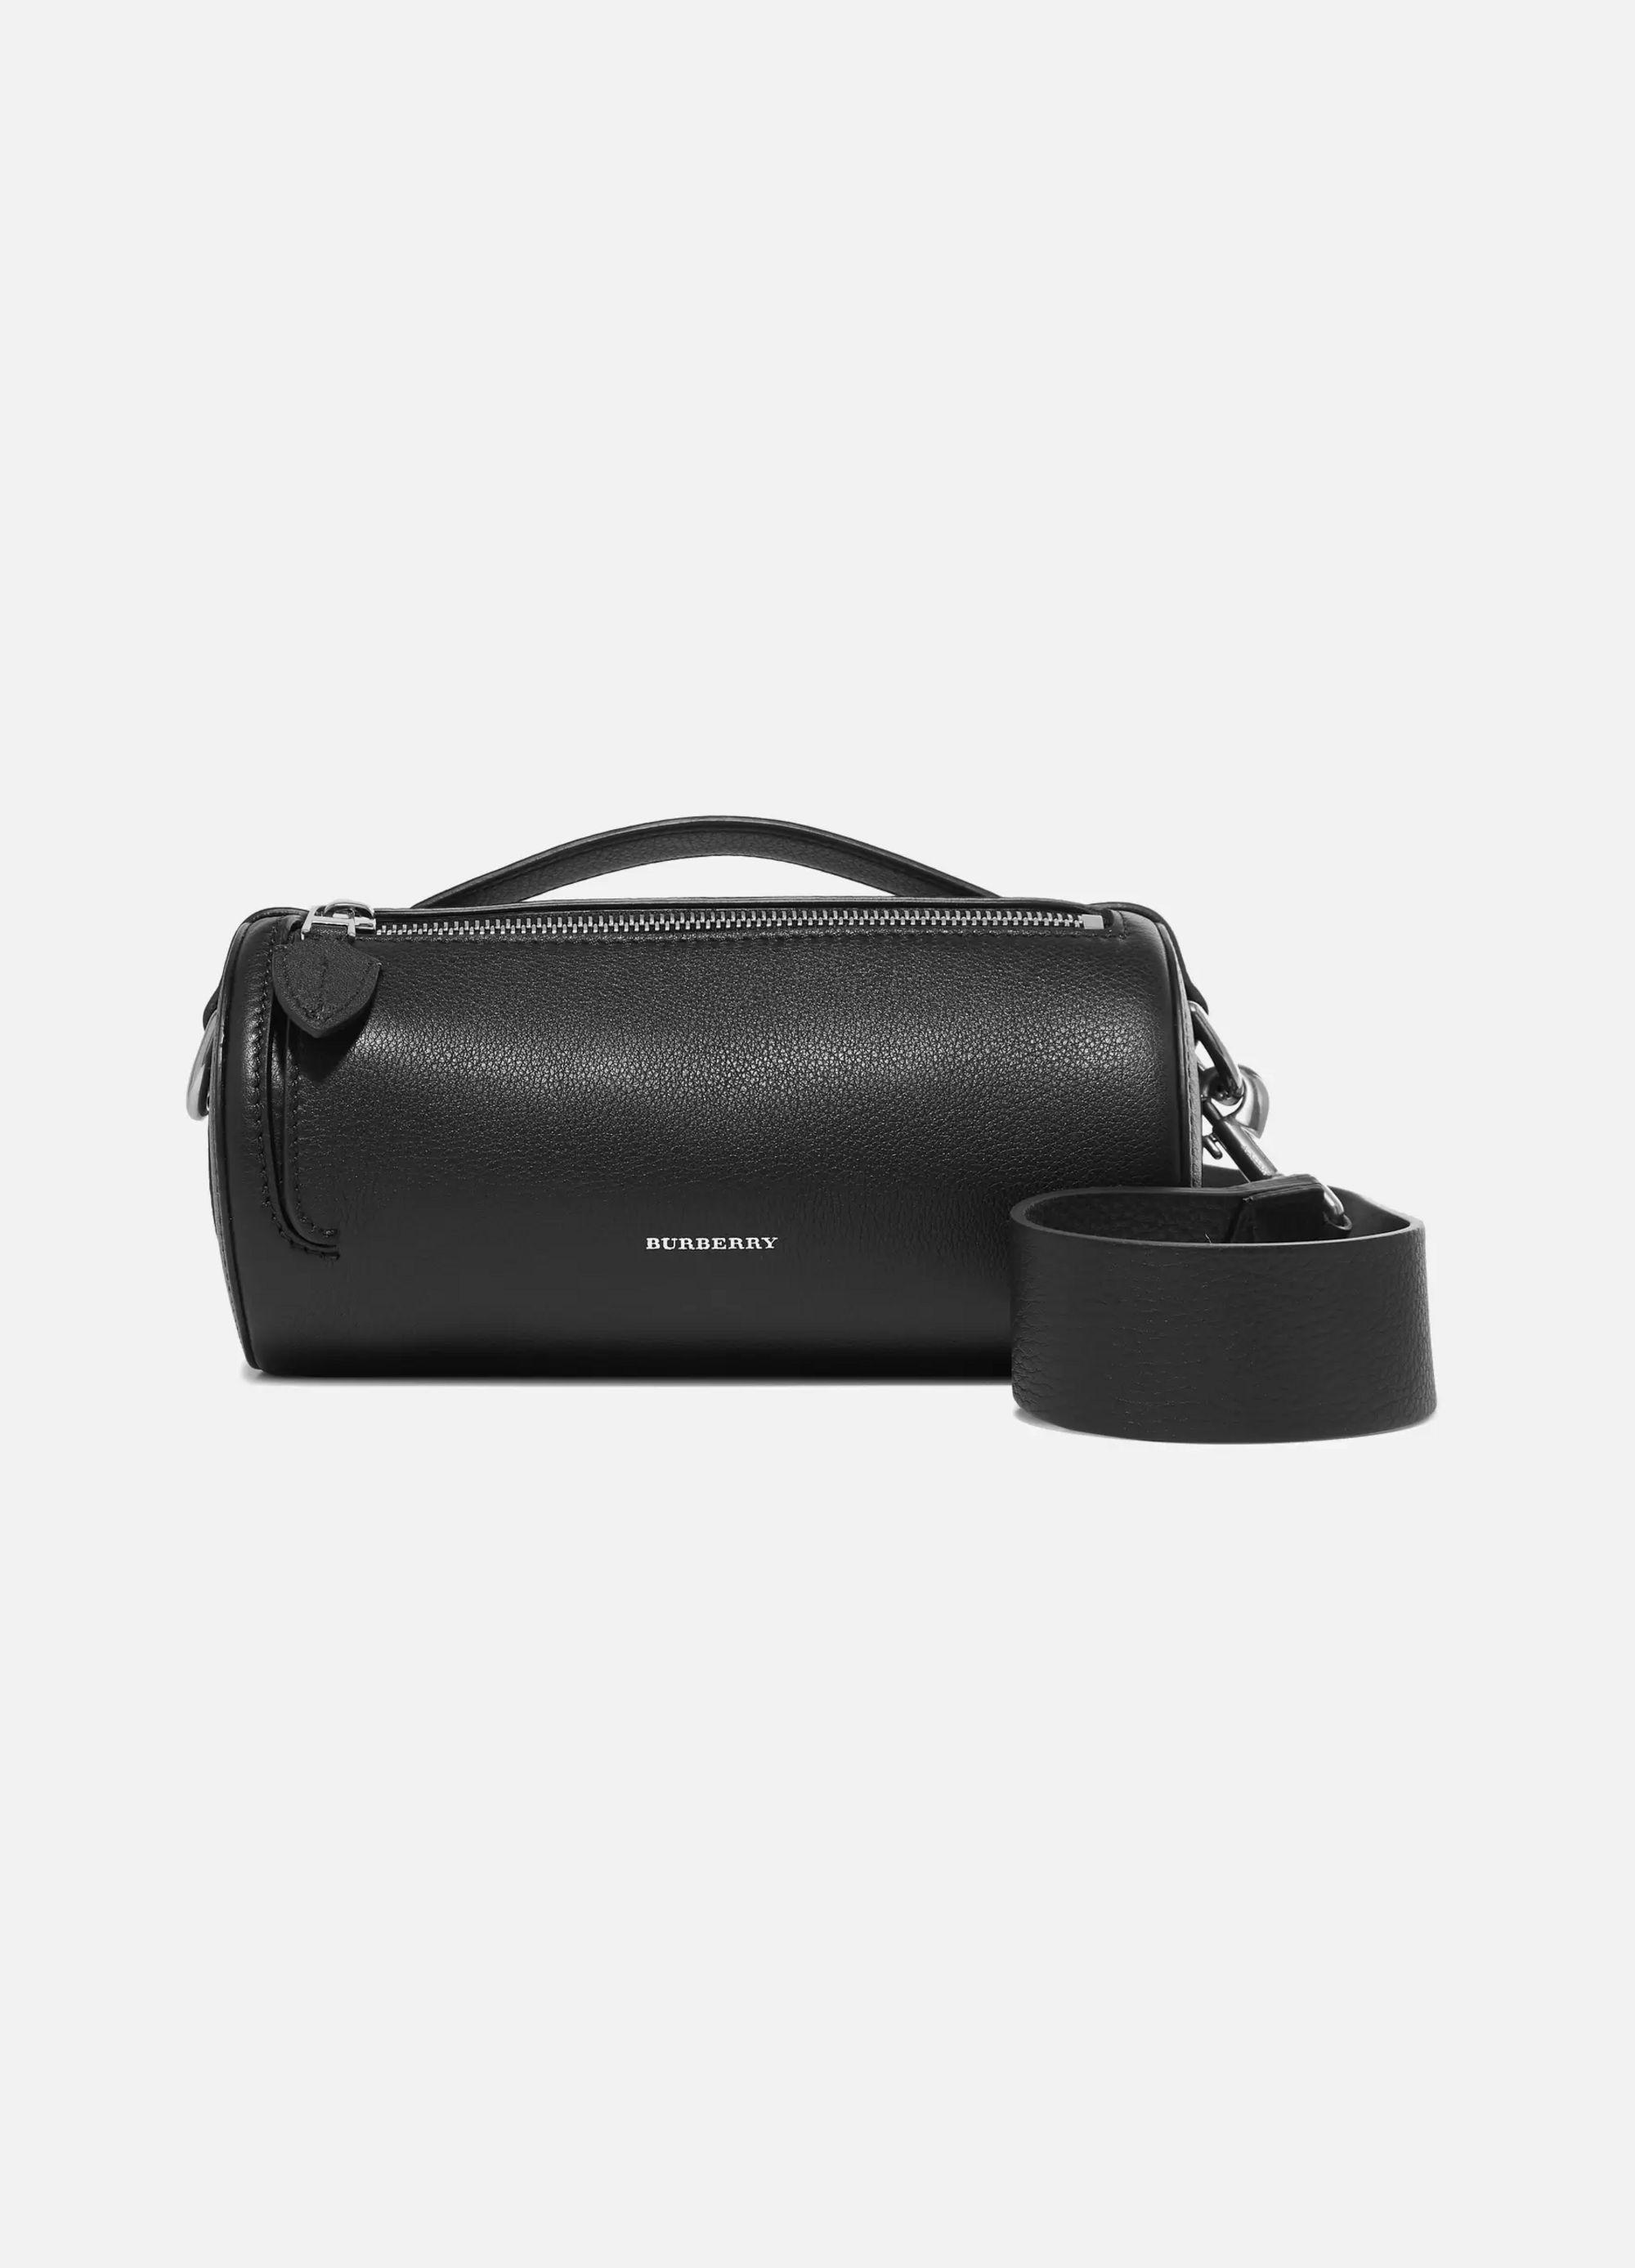 Burberry Textured-leather shoulder bag